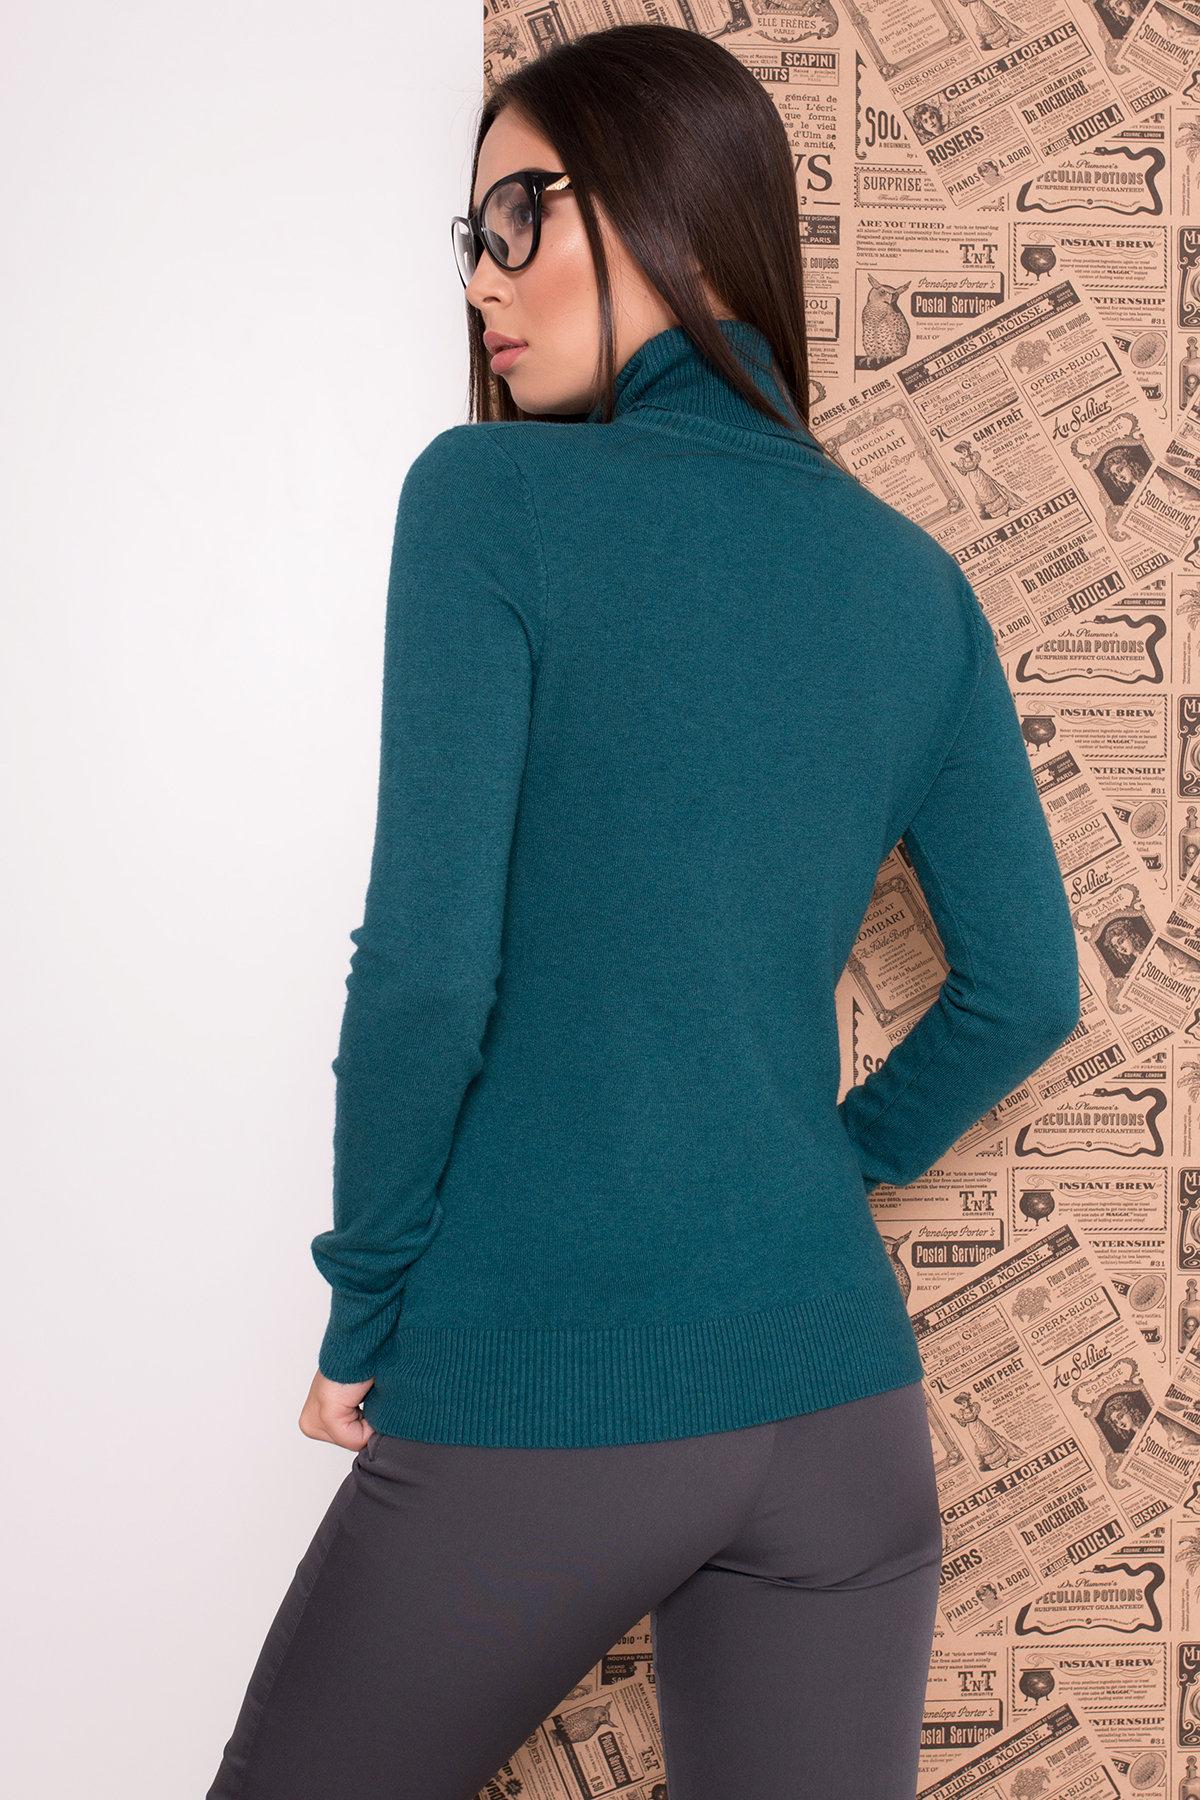 Гольф 7842 АРТ. 43739 Цвет: Сине-зеленый - фото 2, интернет магазин tm-modus.ru